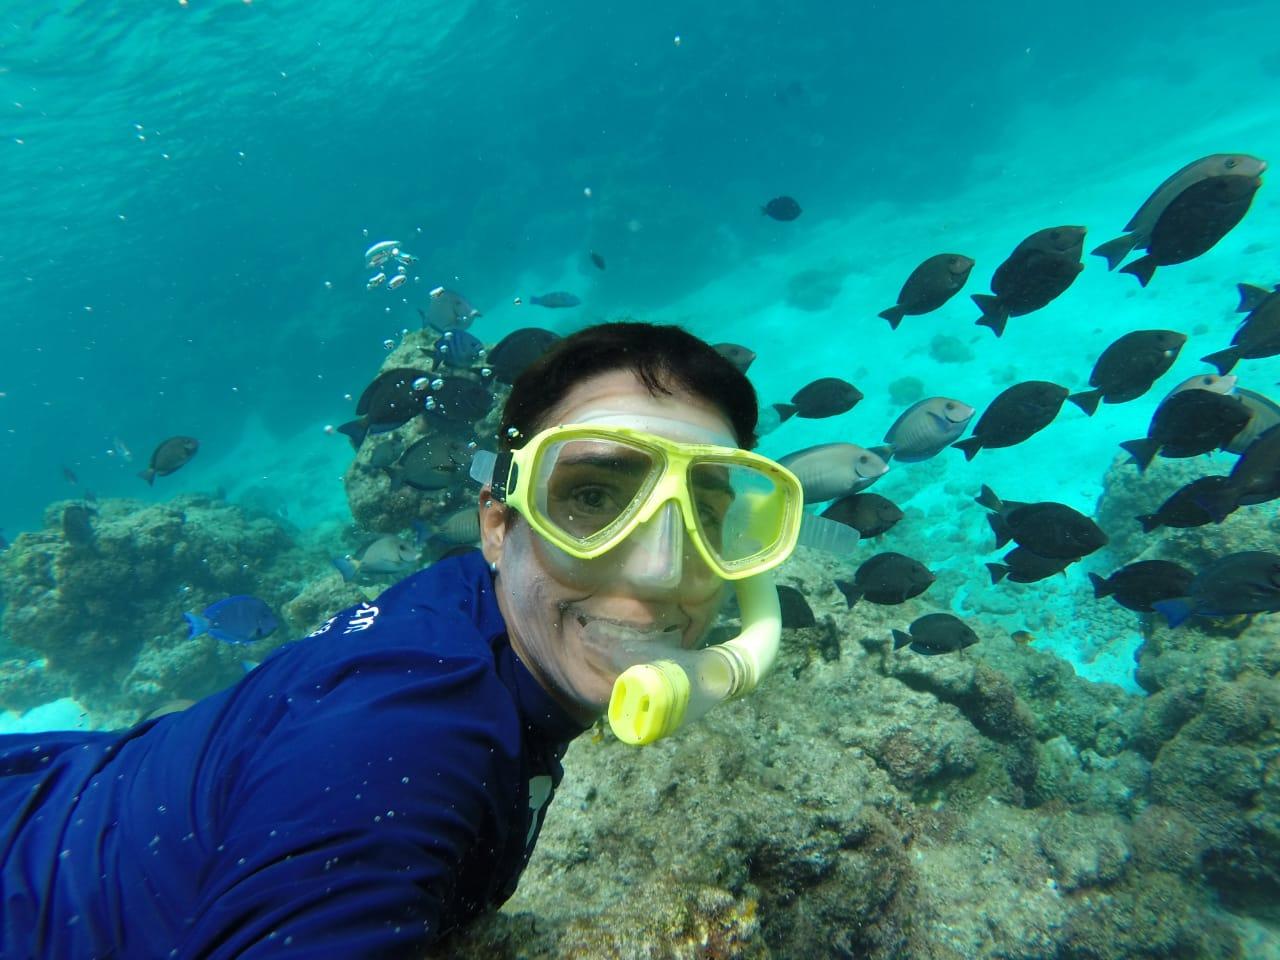 Zelinha, chefe da Reserva Biológica Atol das Rocas, apoiada pelo GEF Mar